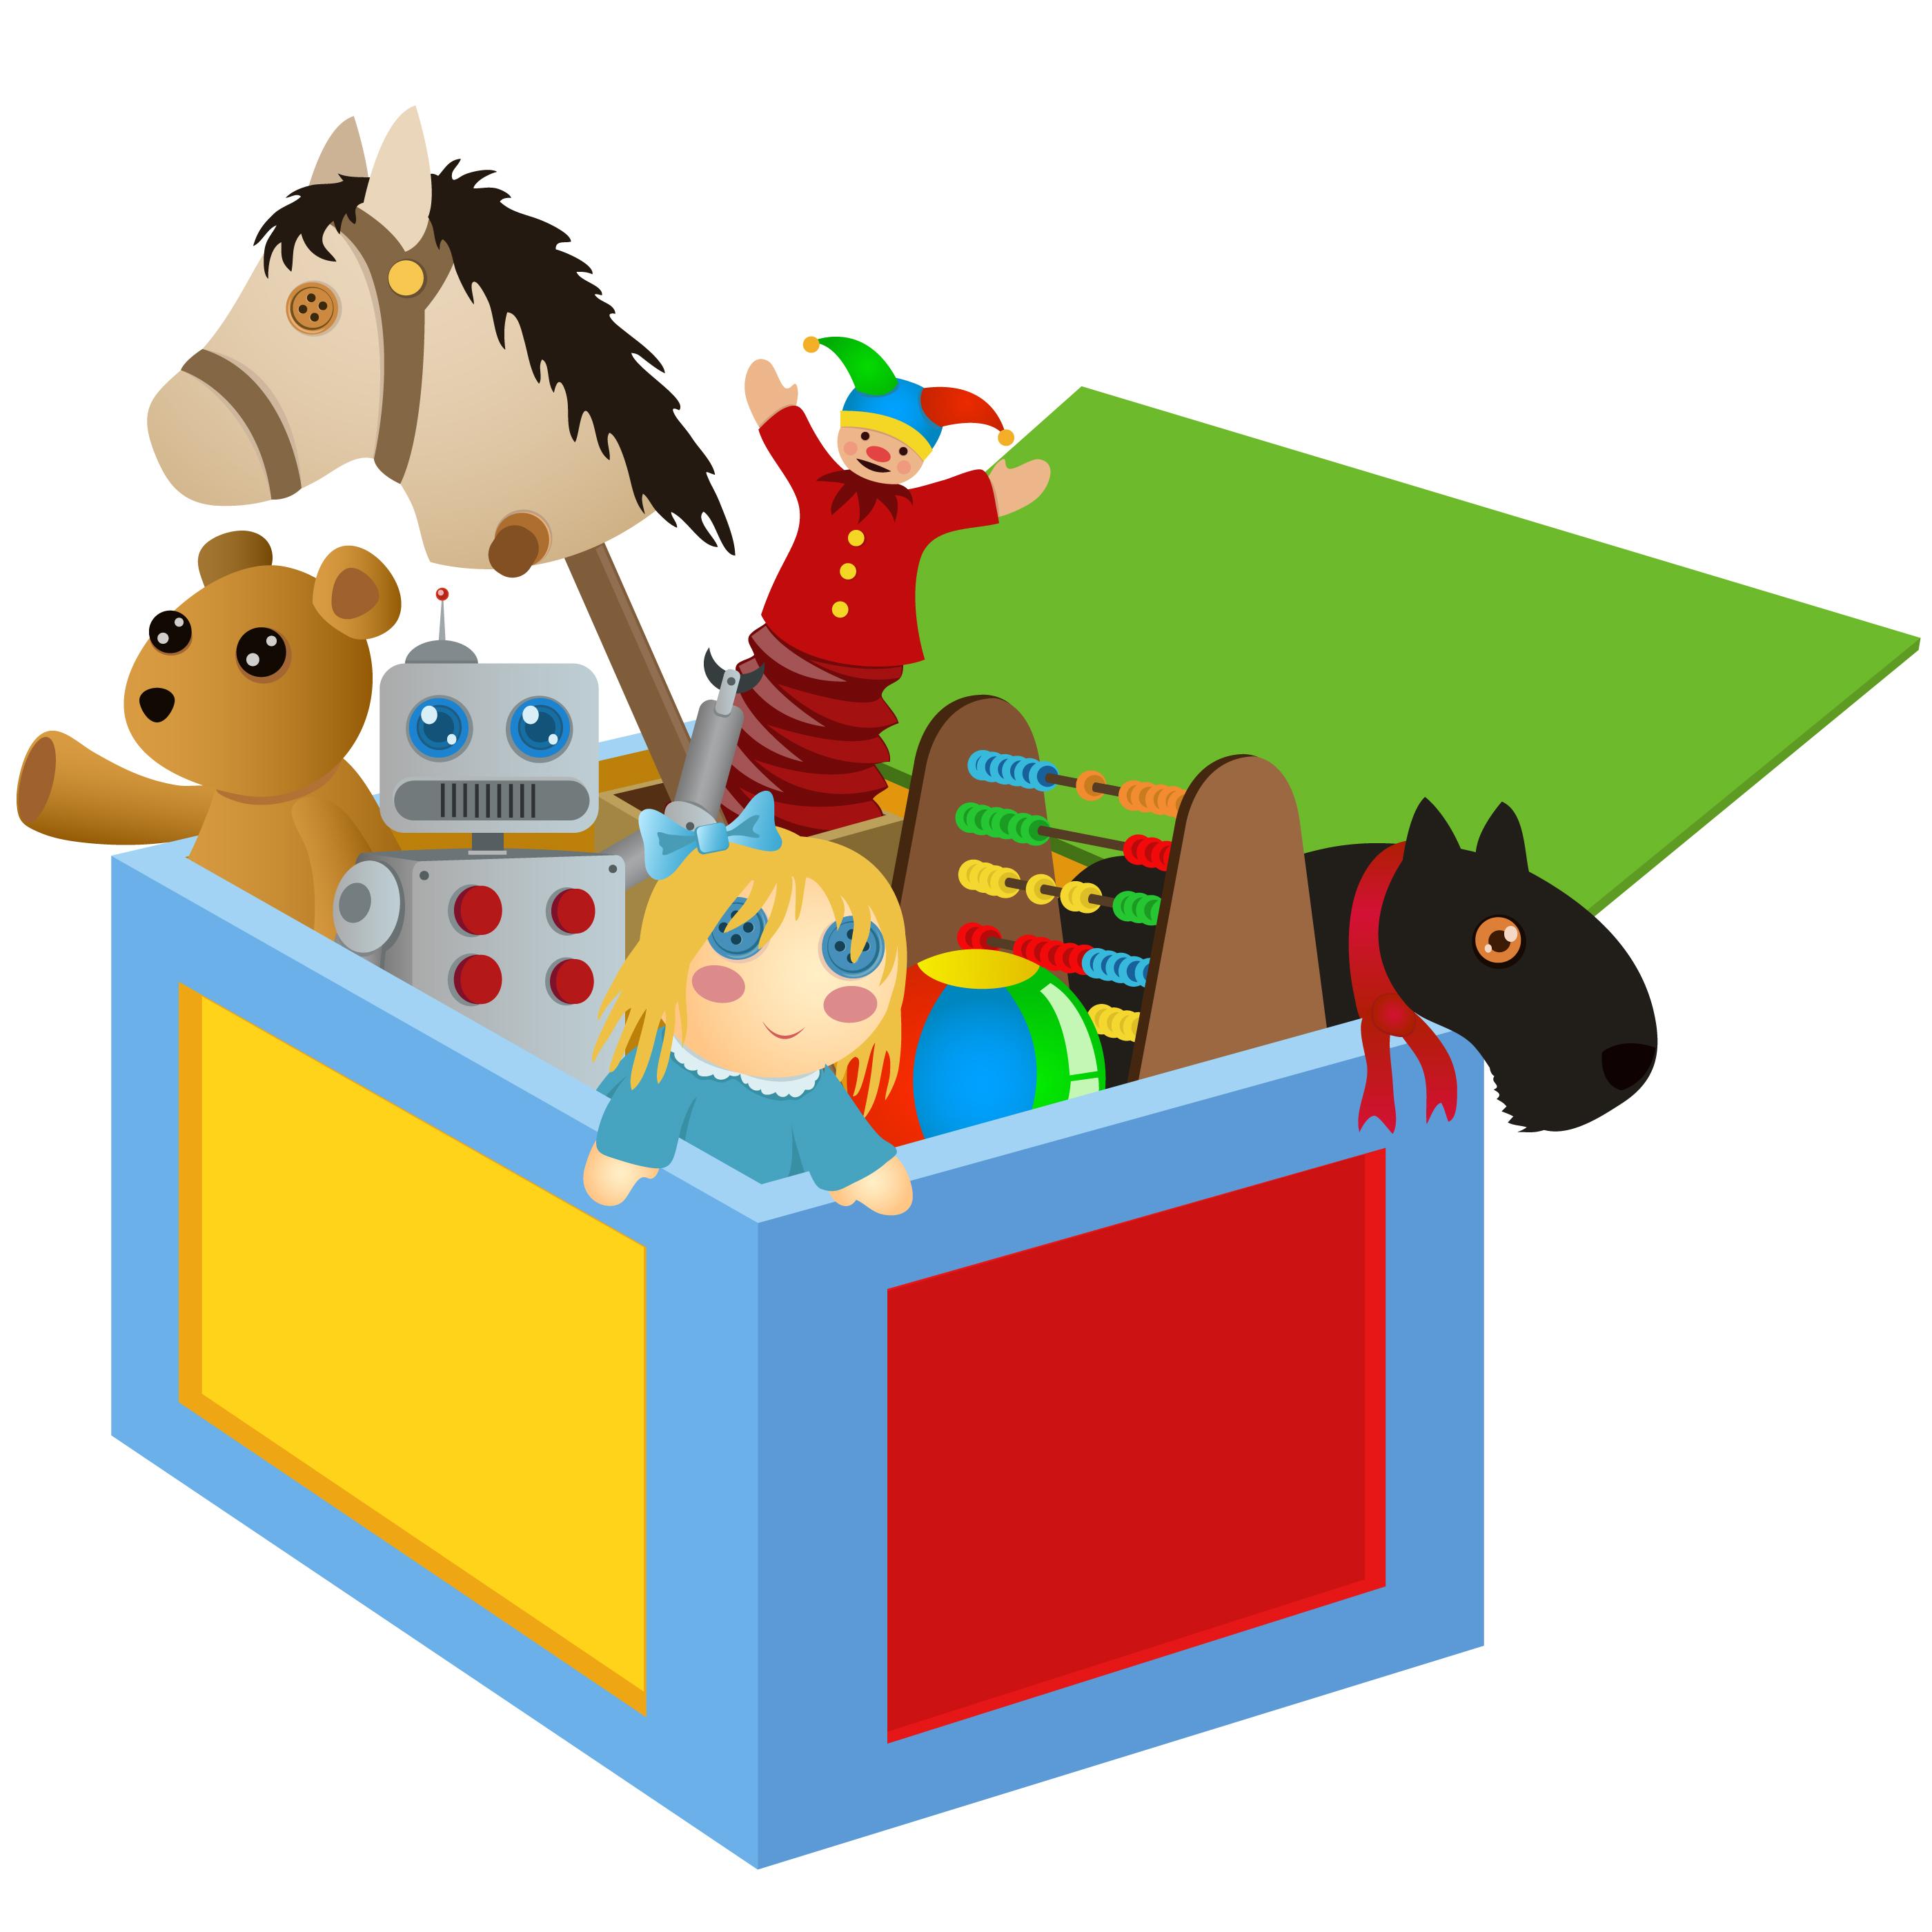 Toy clipart Savoronmorehead clipart toys Toys away